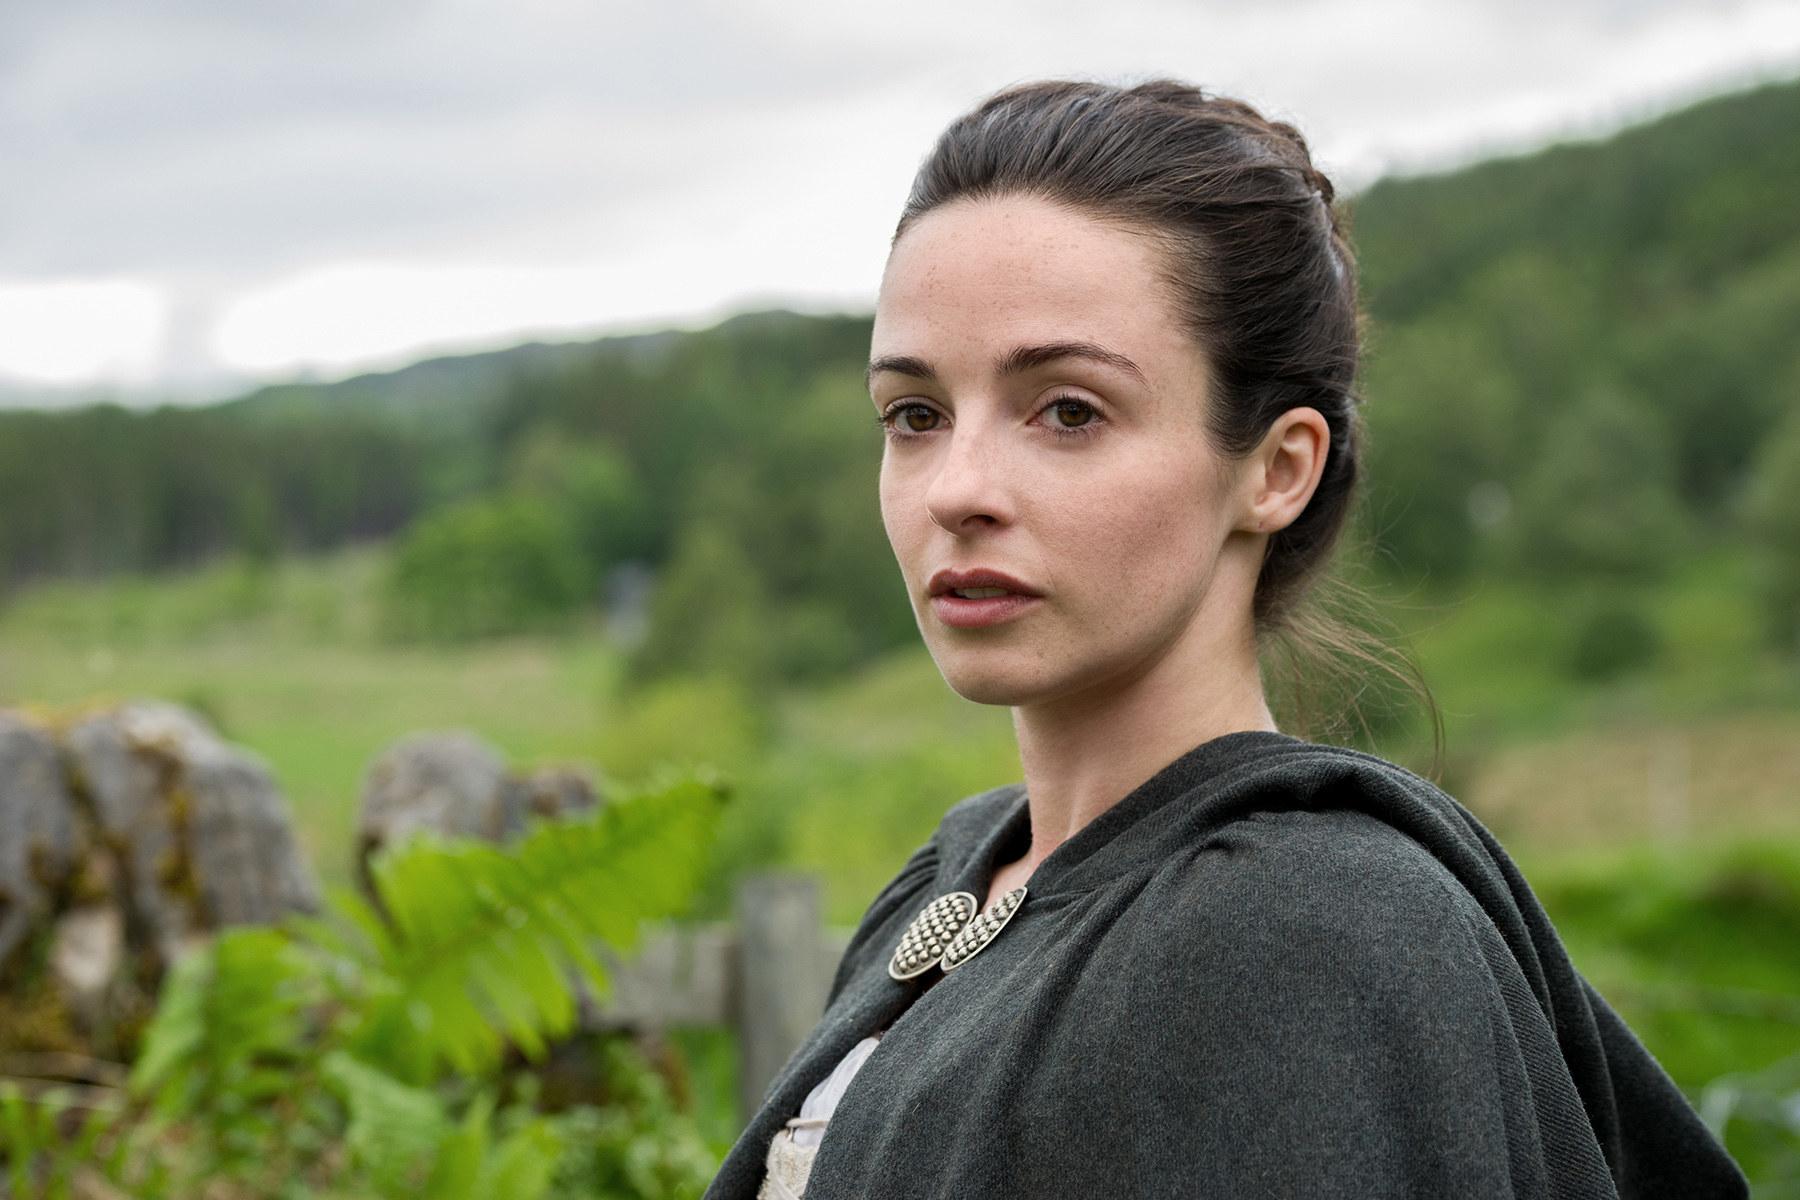 Jenny in Outlander